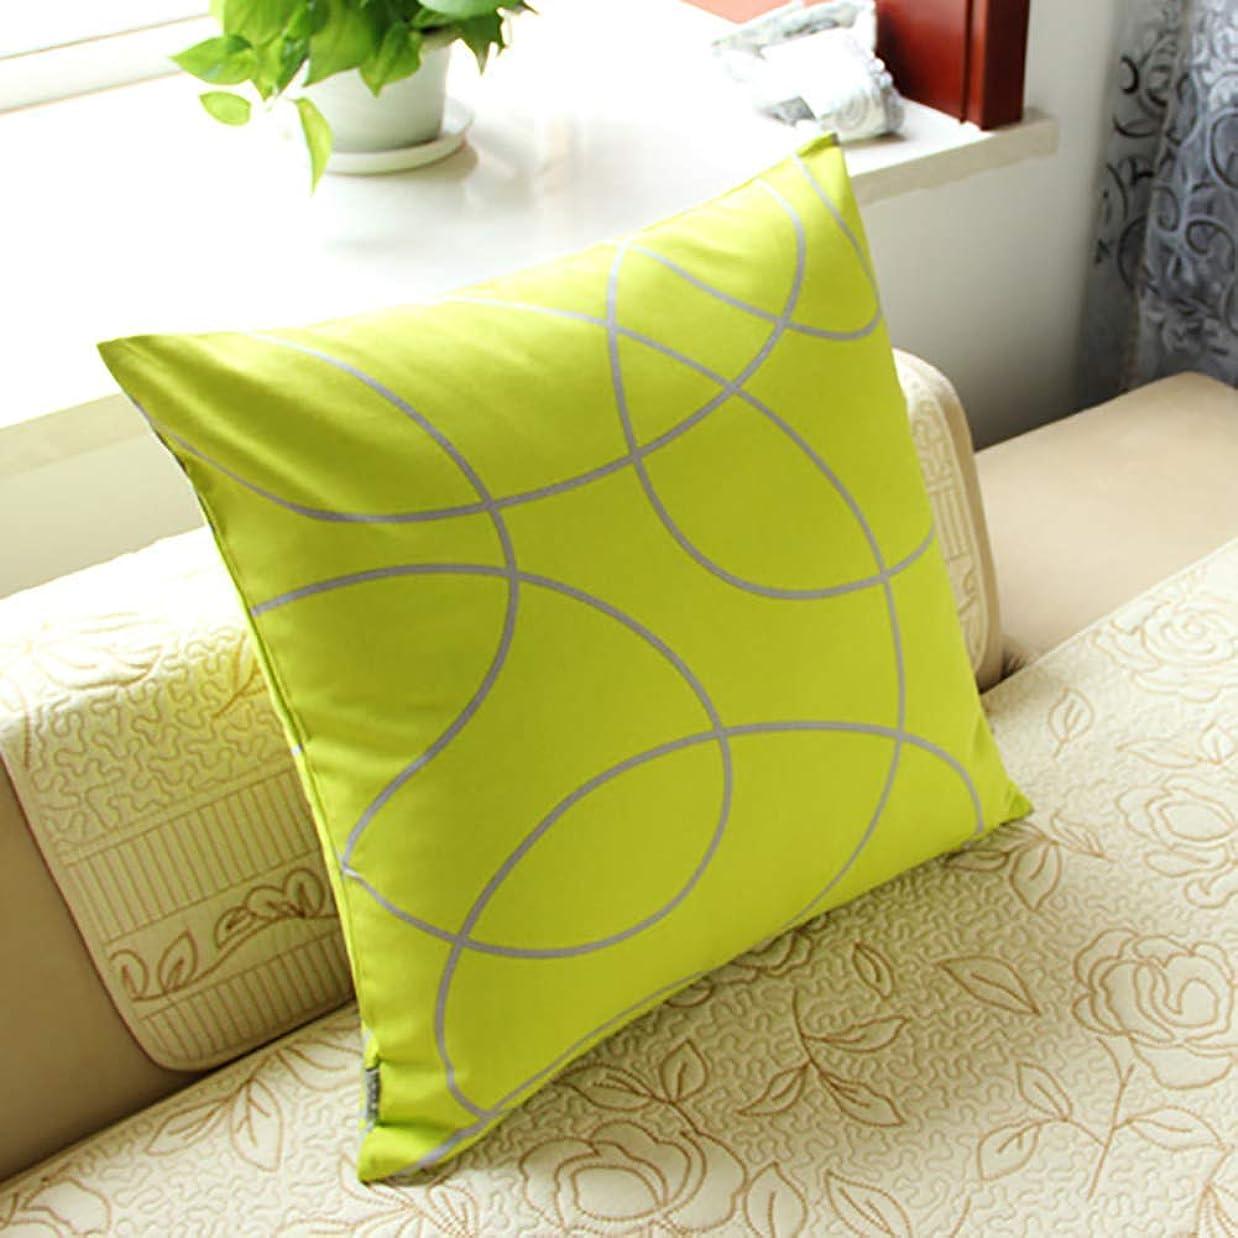 創造周辺十代の若者たち2J-QingYun Trade 厚手の正方形の枕Ppコットンソファークッション、シンプルな柔らかい椅子パッドシートカバーカーシートの上の使用ソファオフィスチェアライフマット布団 (Color : B, サイズ : 55x55cm(22x22inch))